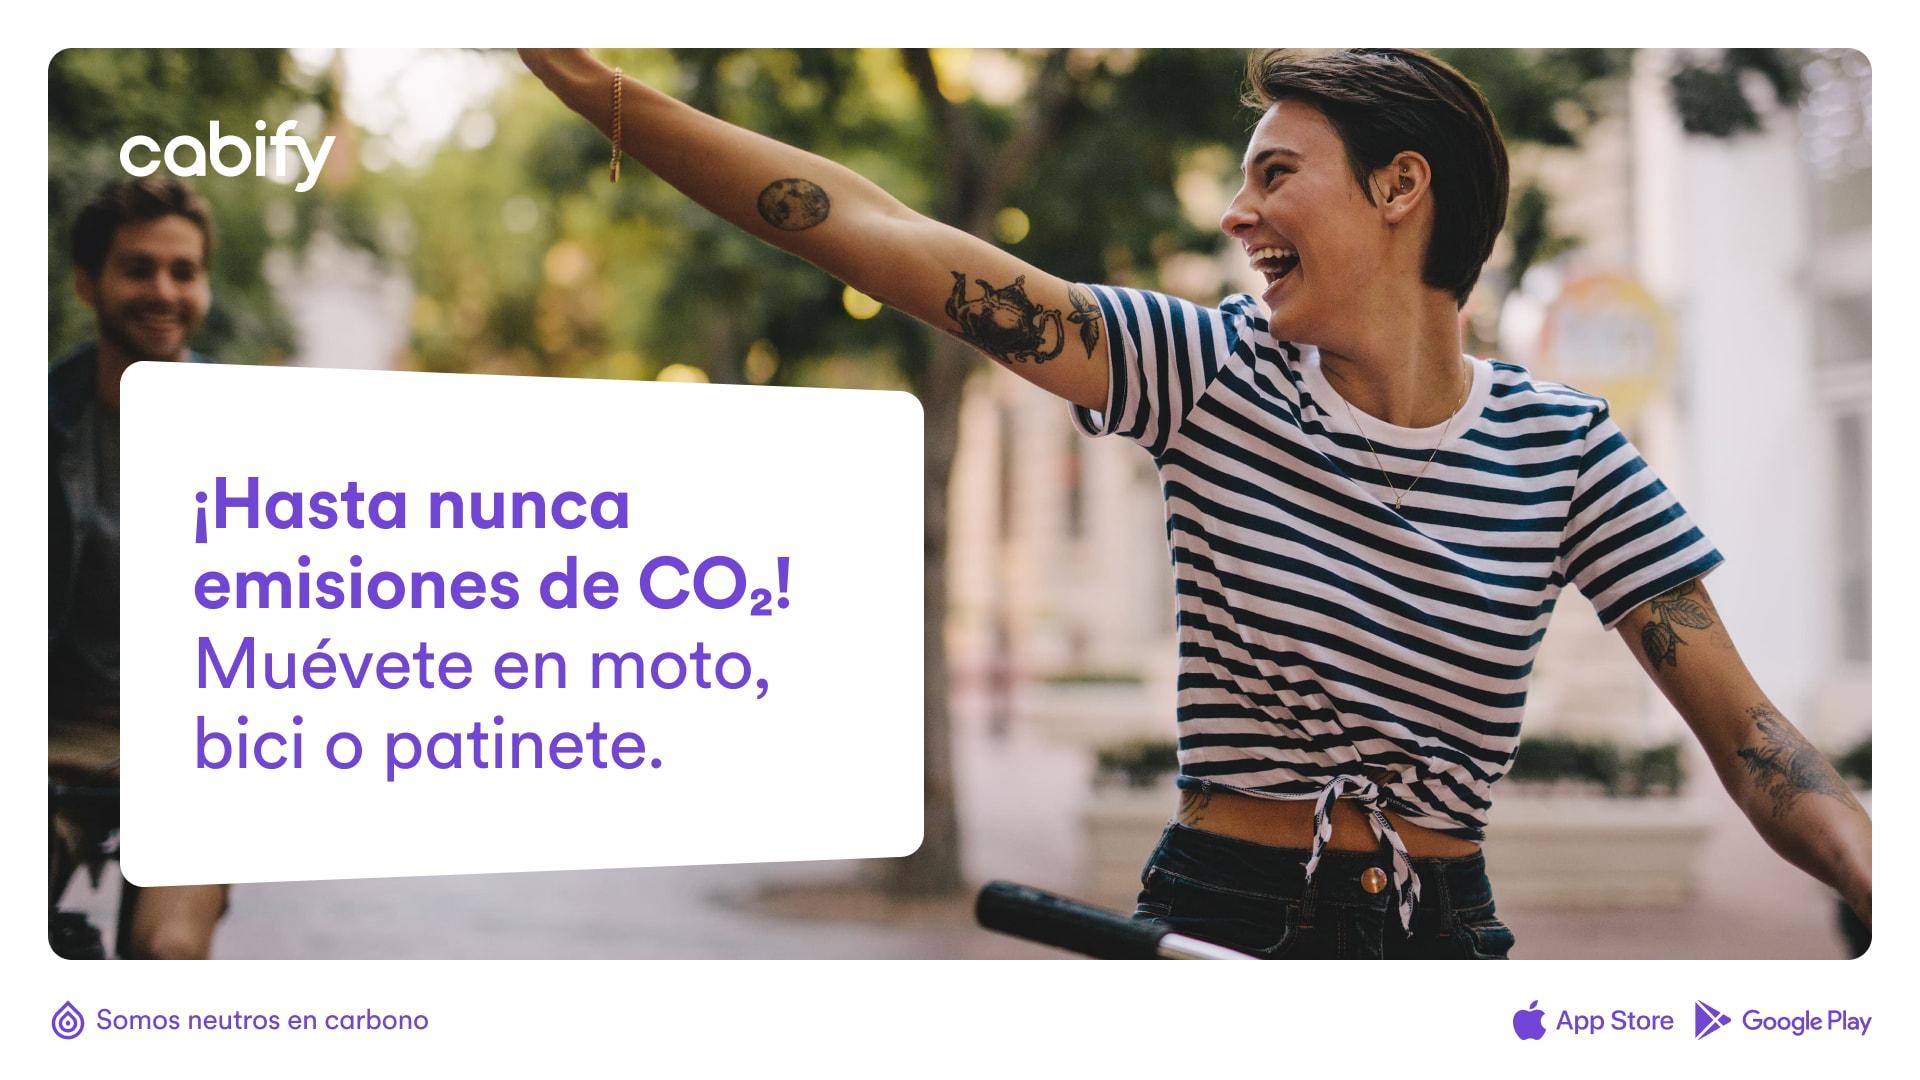 """Un anuncio con una foto de una chica en bici y el texto """"Hasta nueva emisiones de CO2. Múevete en moto, bici o patinete."""